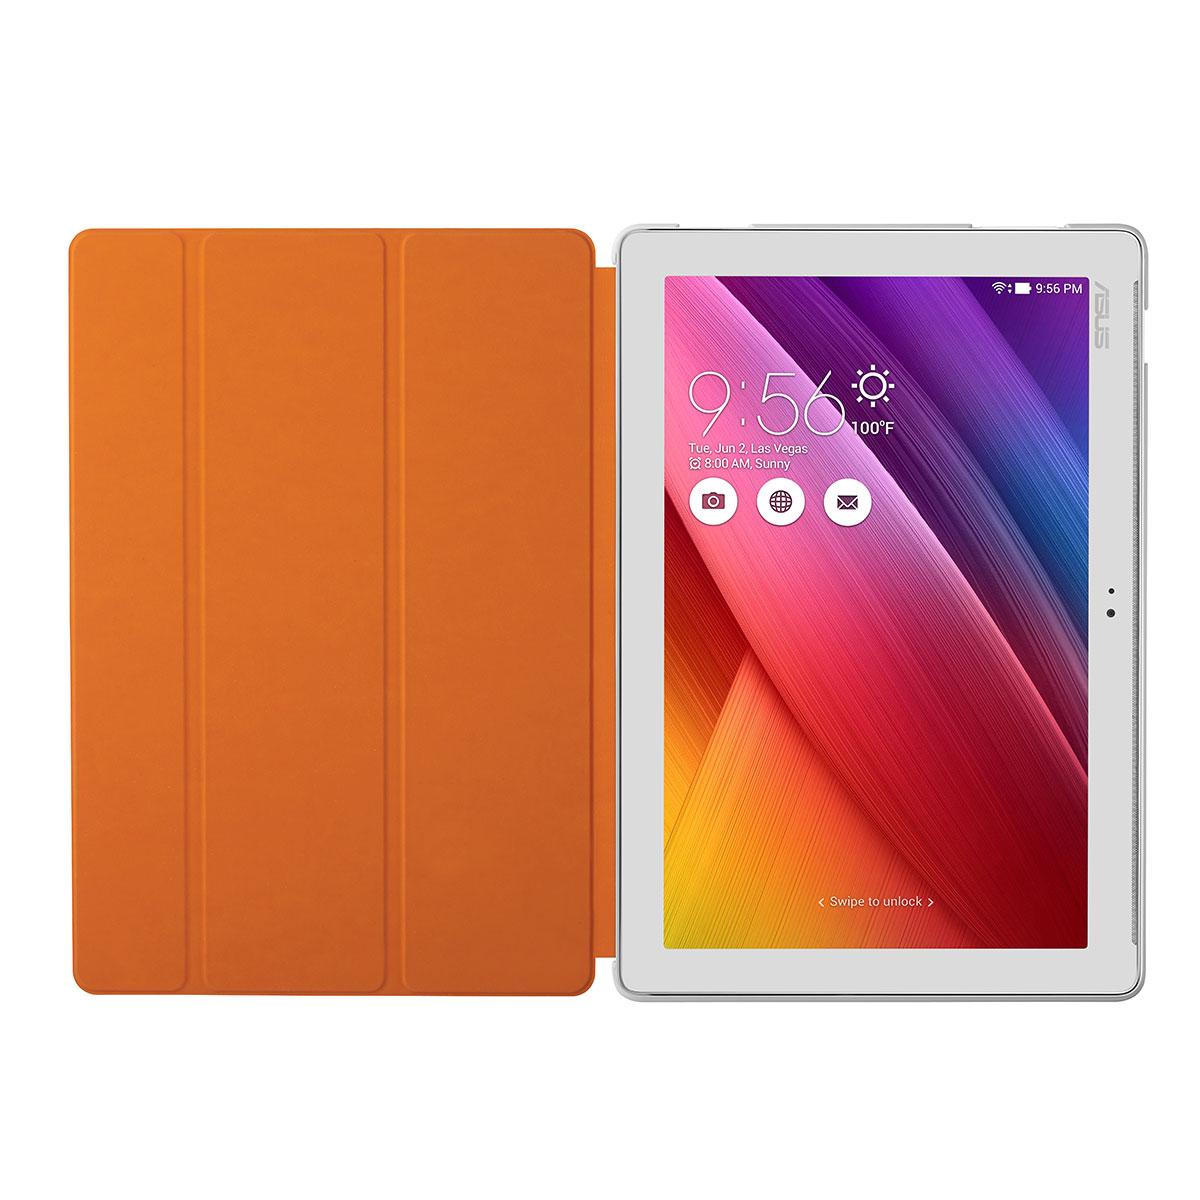 Asus zenpad 10 tricover blanc accessoires tablette asus for Accessoires asus zenpad 10